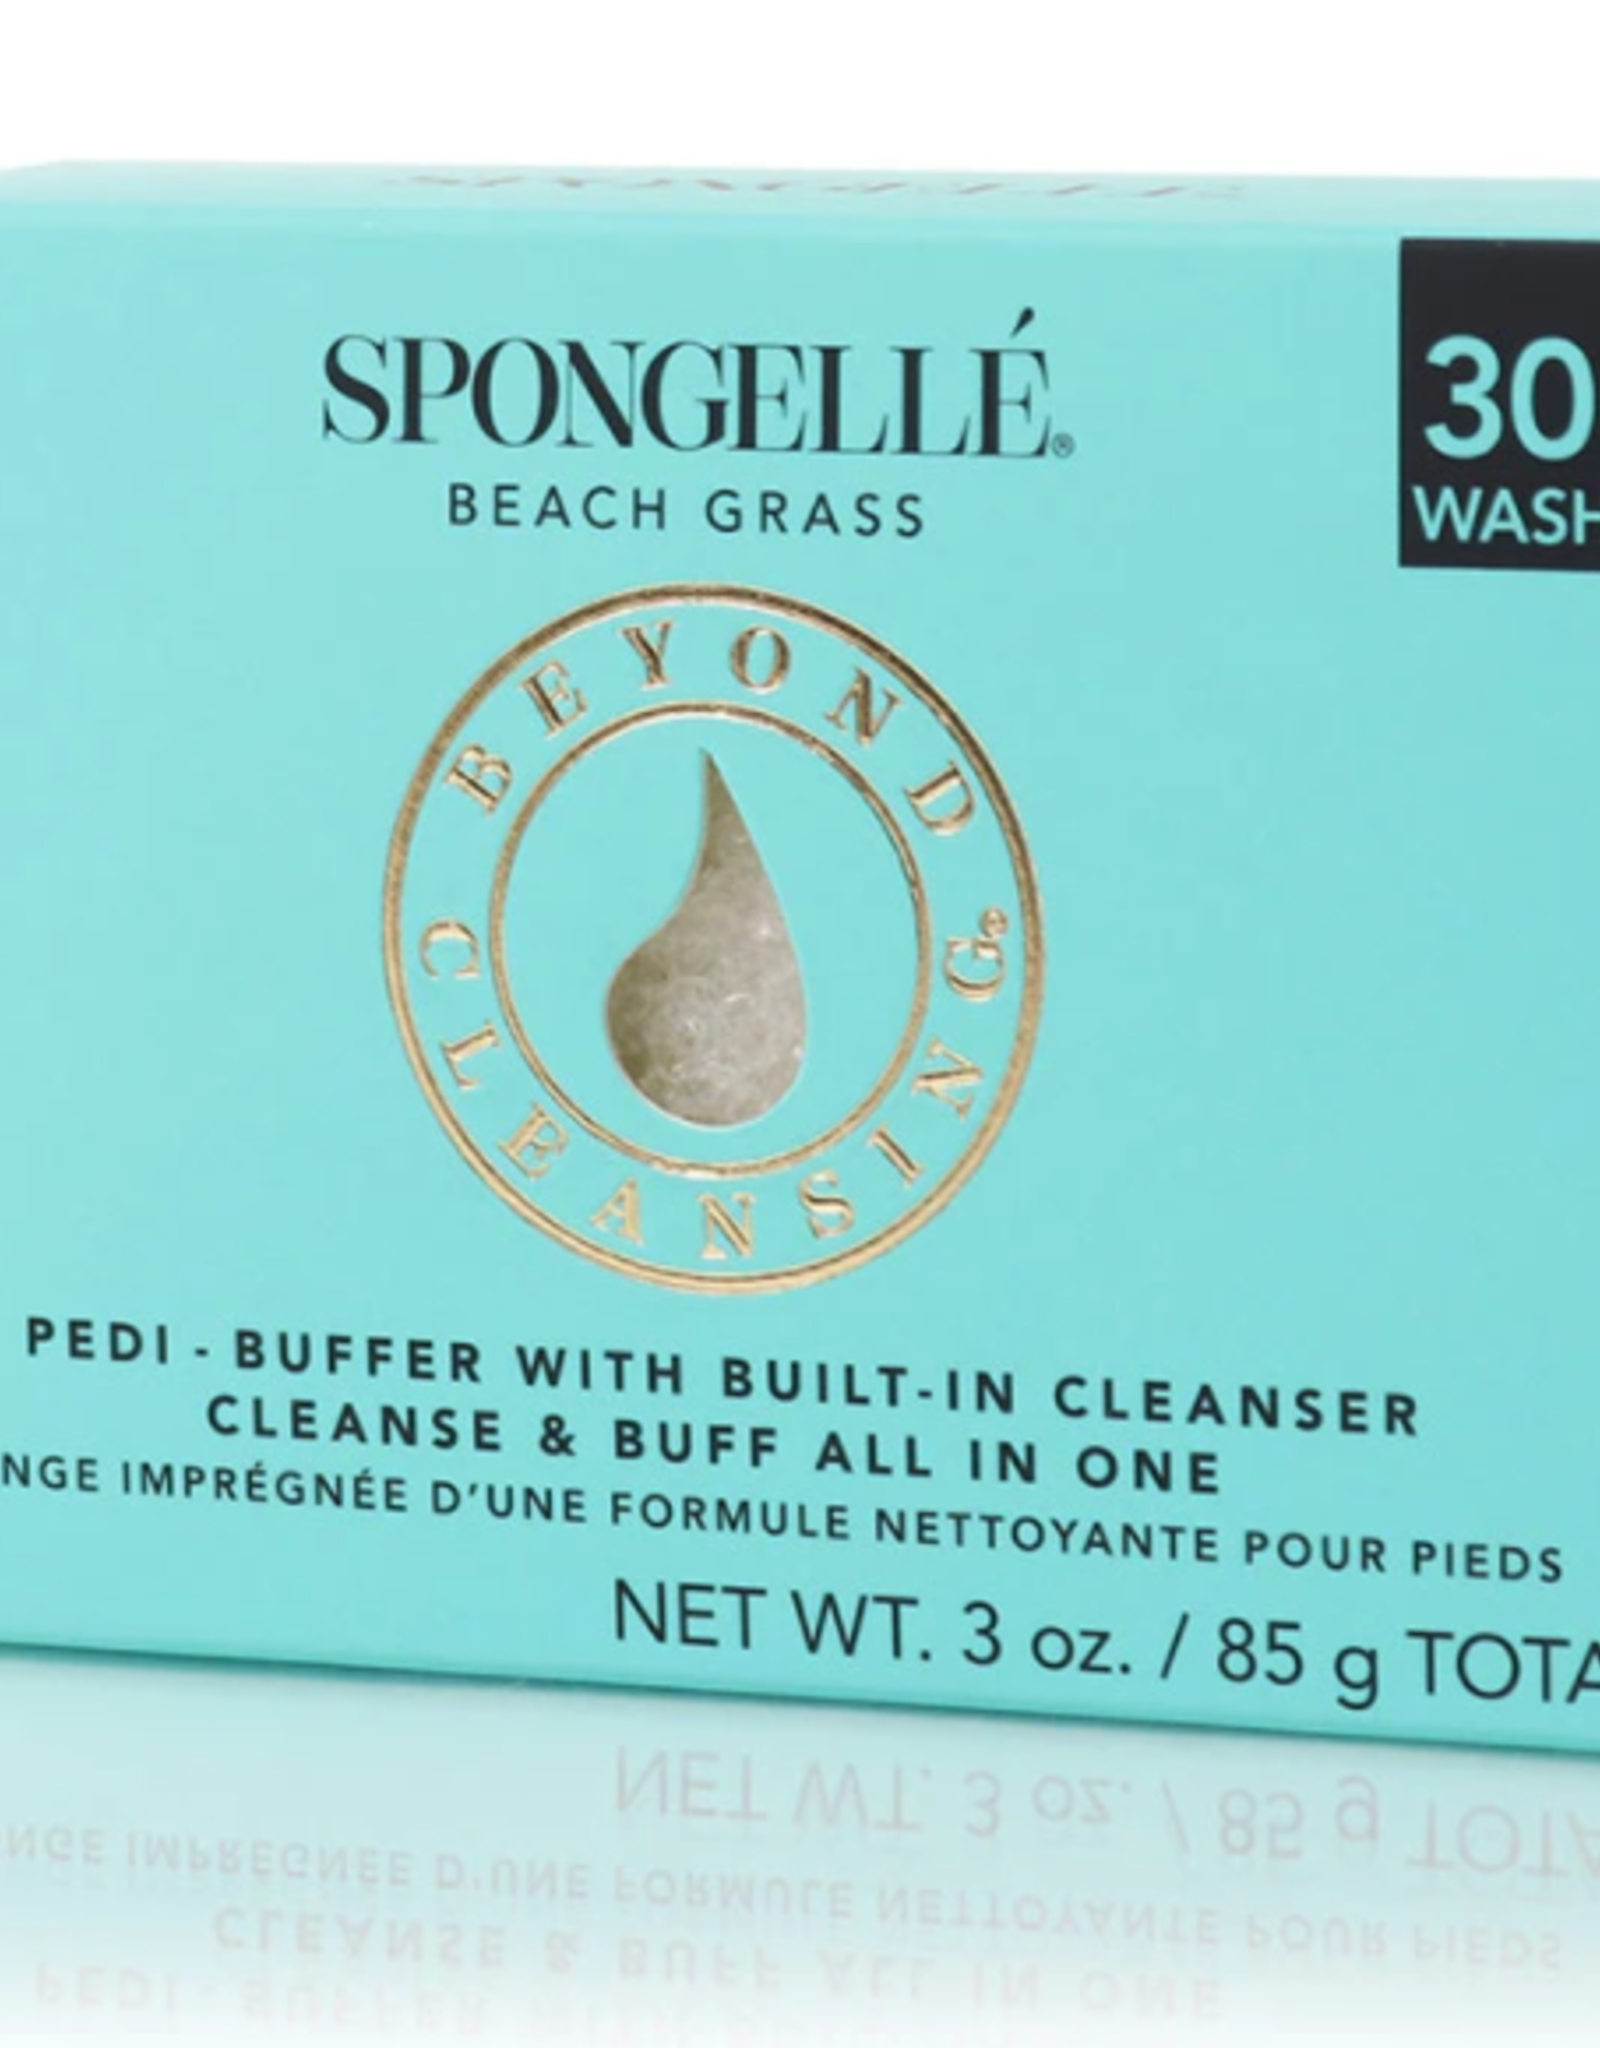 SPONGELLE PEDI BUFFER BEACH GRASS 3 OZ